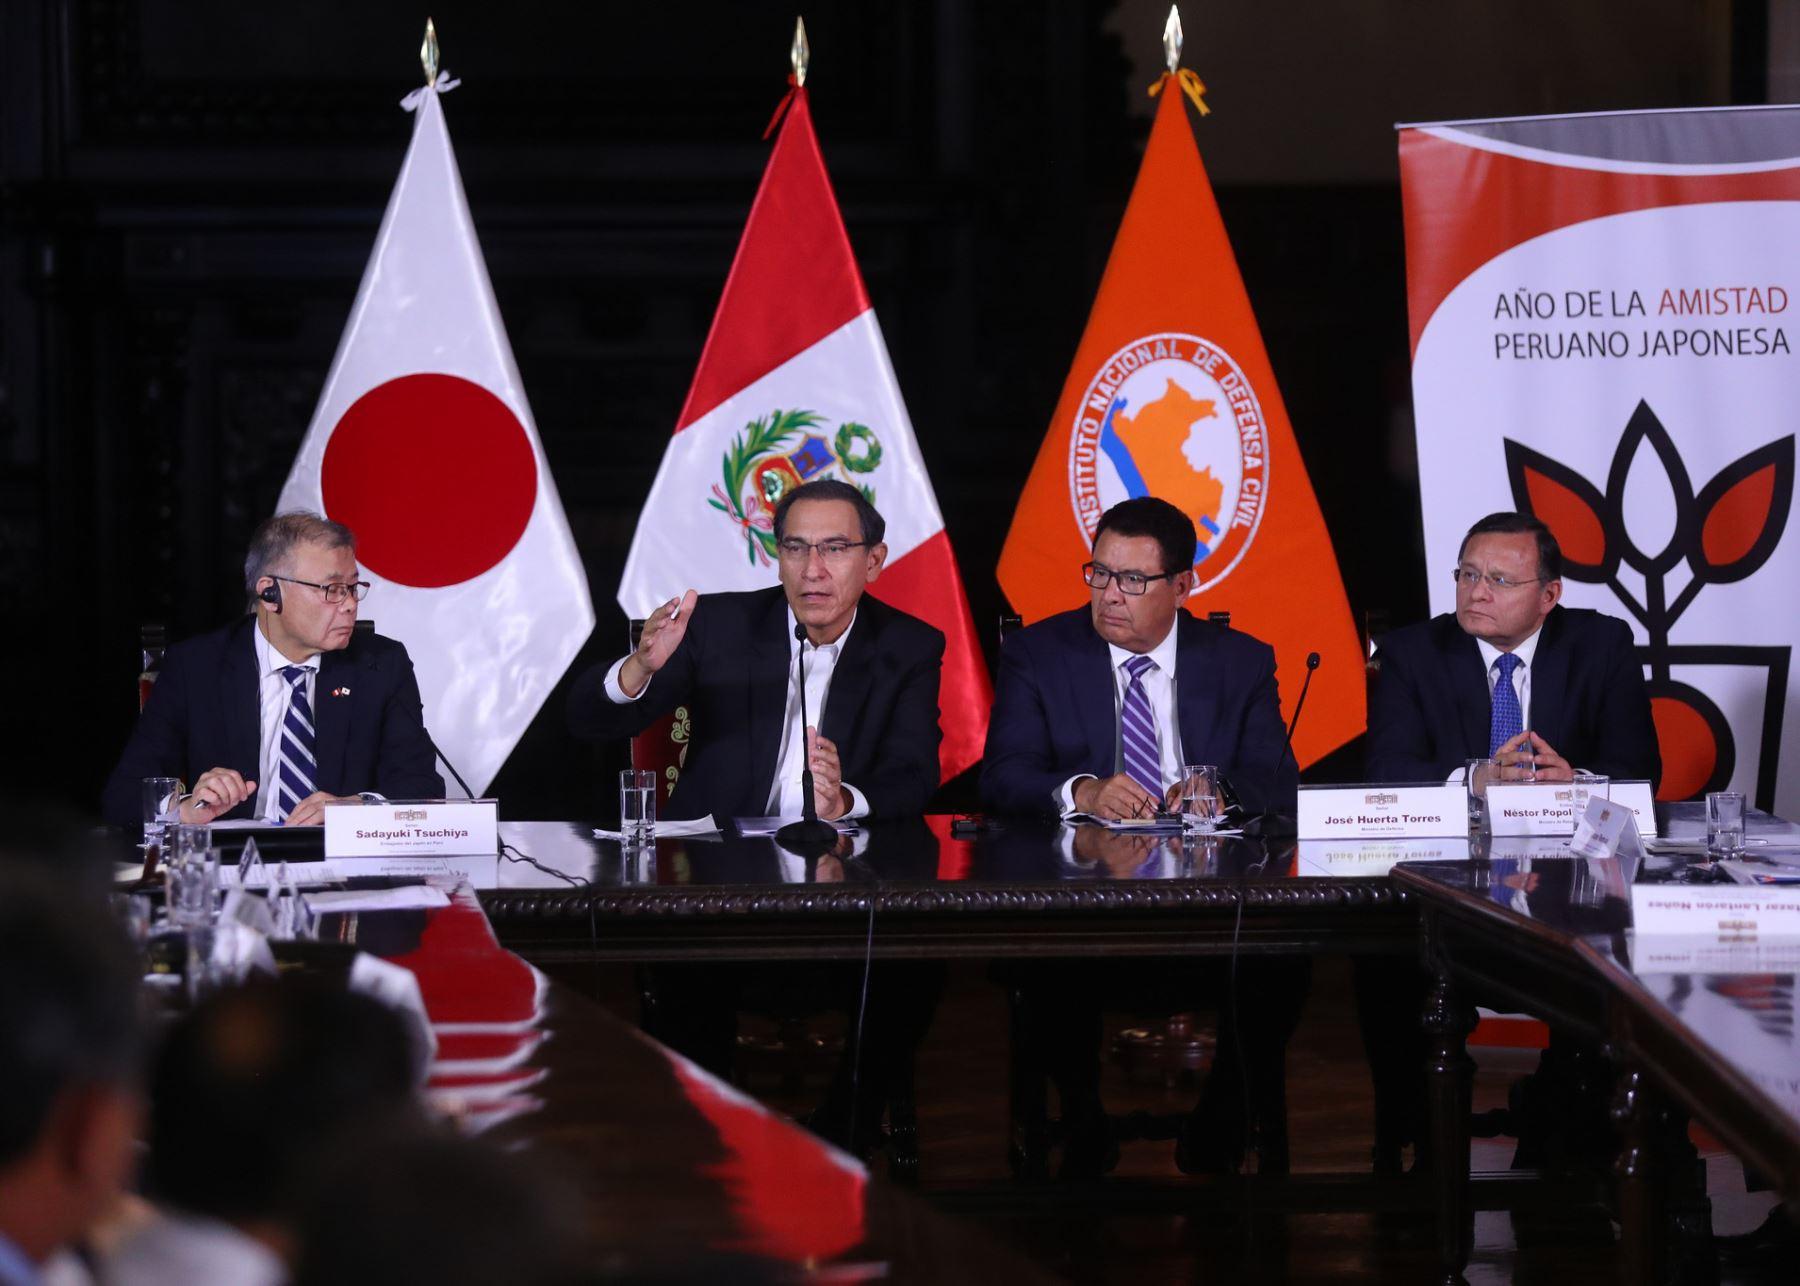 El presidente Martín Vizcarra participó en la clausura del Encuentro sobre Gestión de Desastres Naturales y Alerta Temprana', evento coorganizado por la Embajada de Japón en el Perú y el Instituto Nacional de Defensa Civil (Indeci).